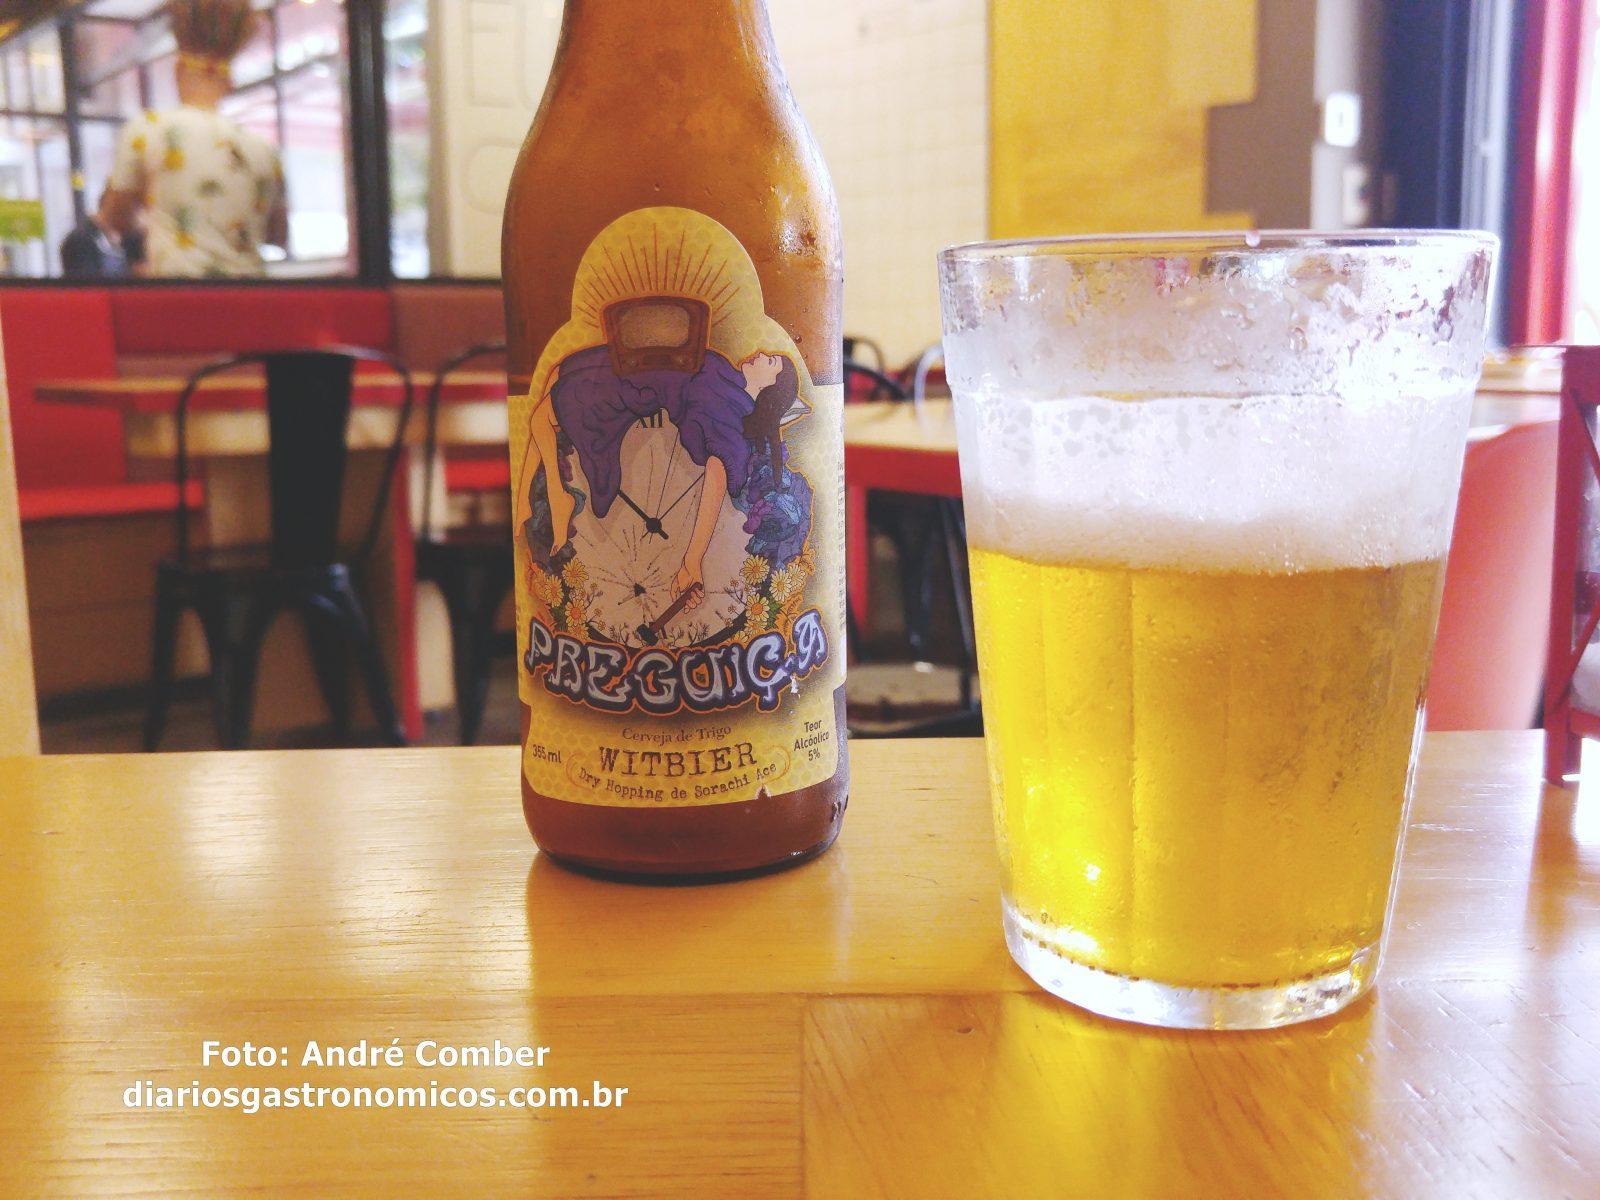 Opyco, cerveja Preguica, witbier